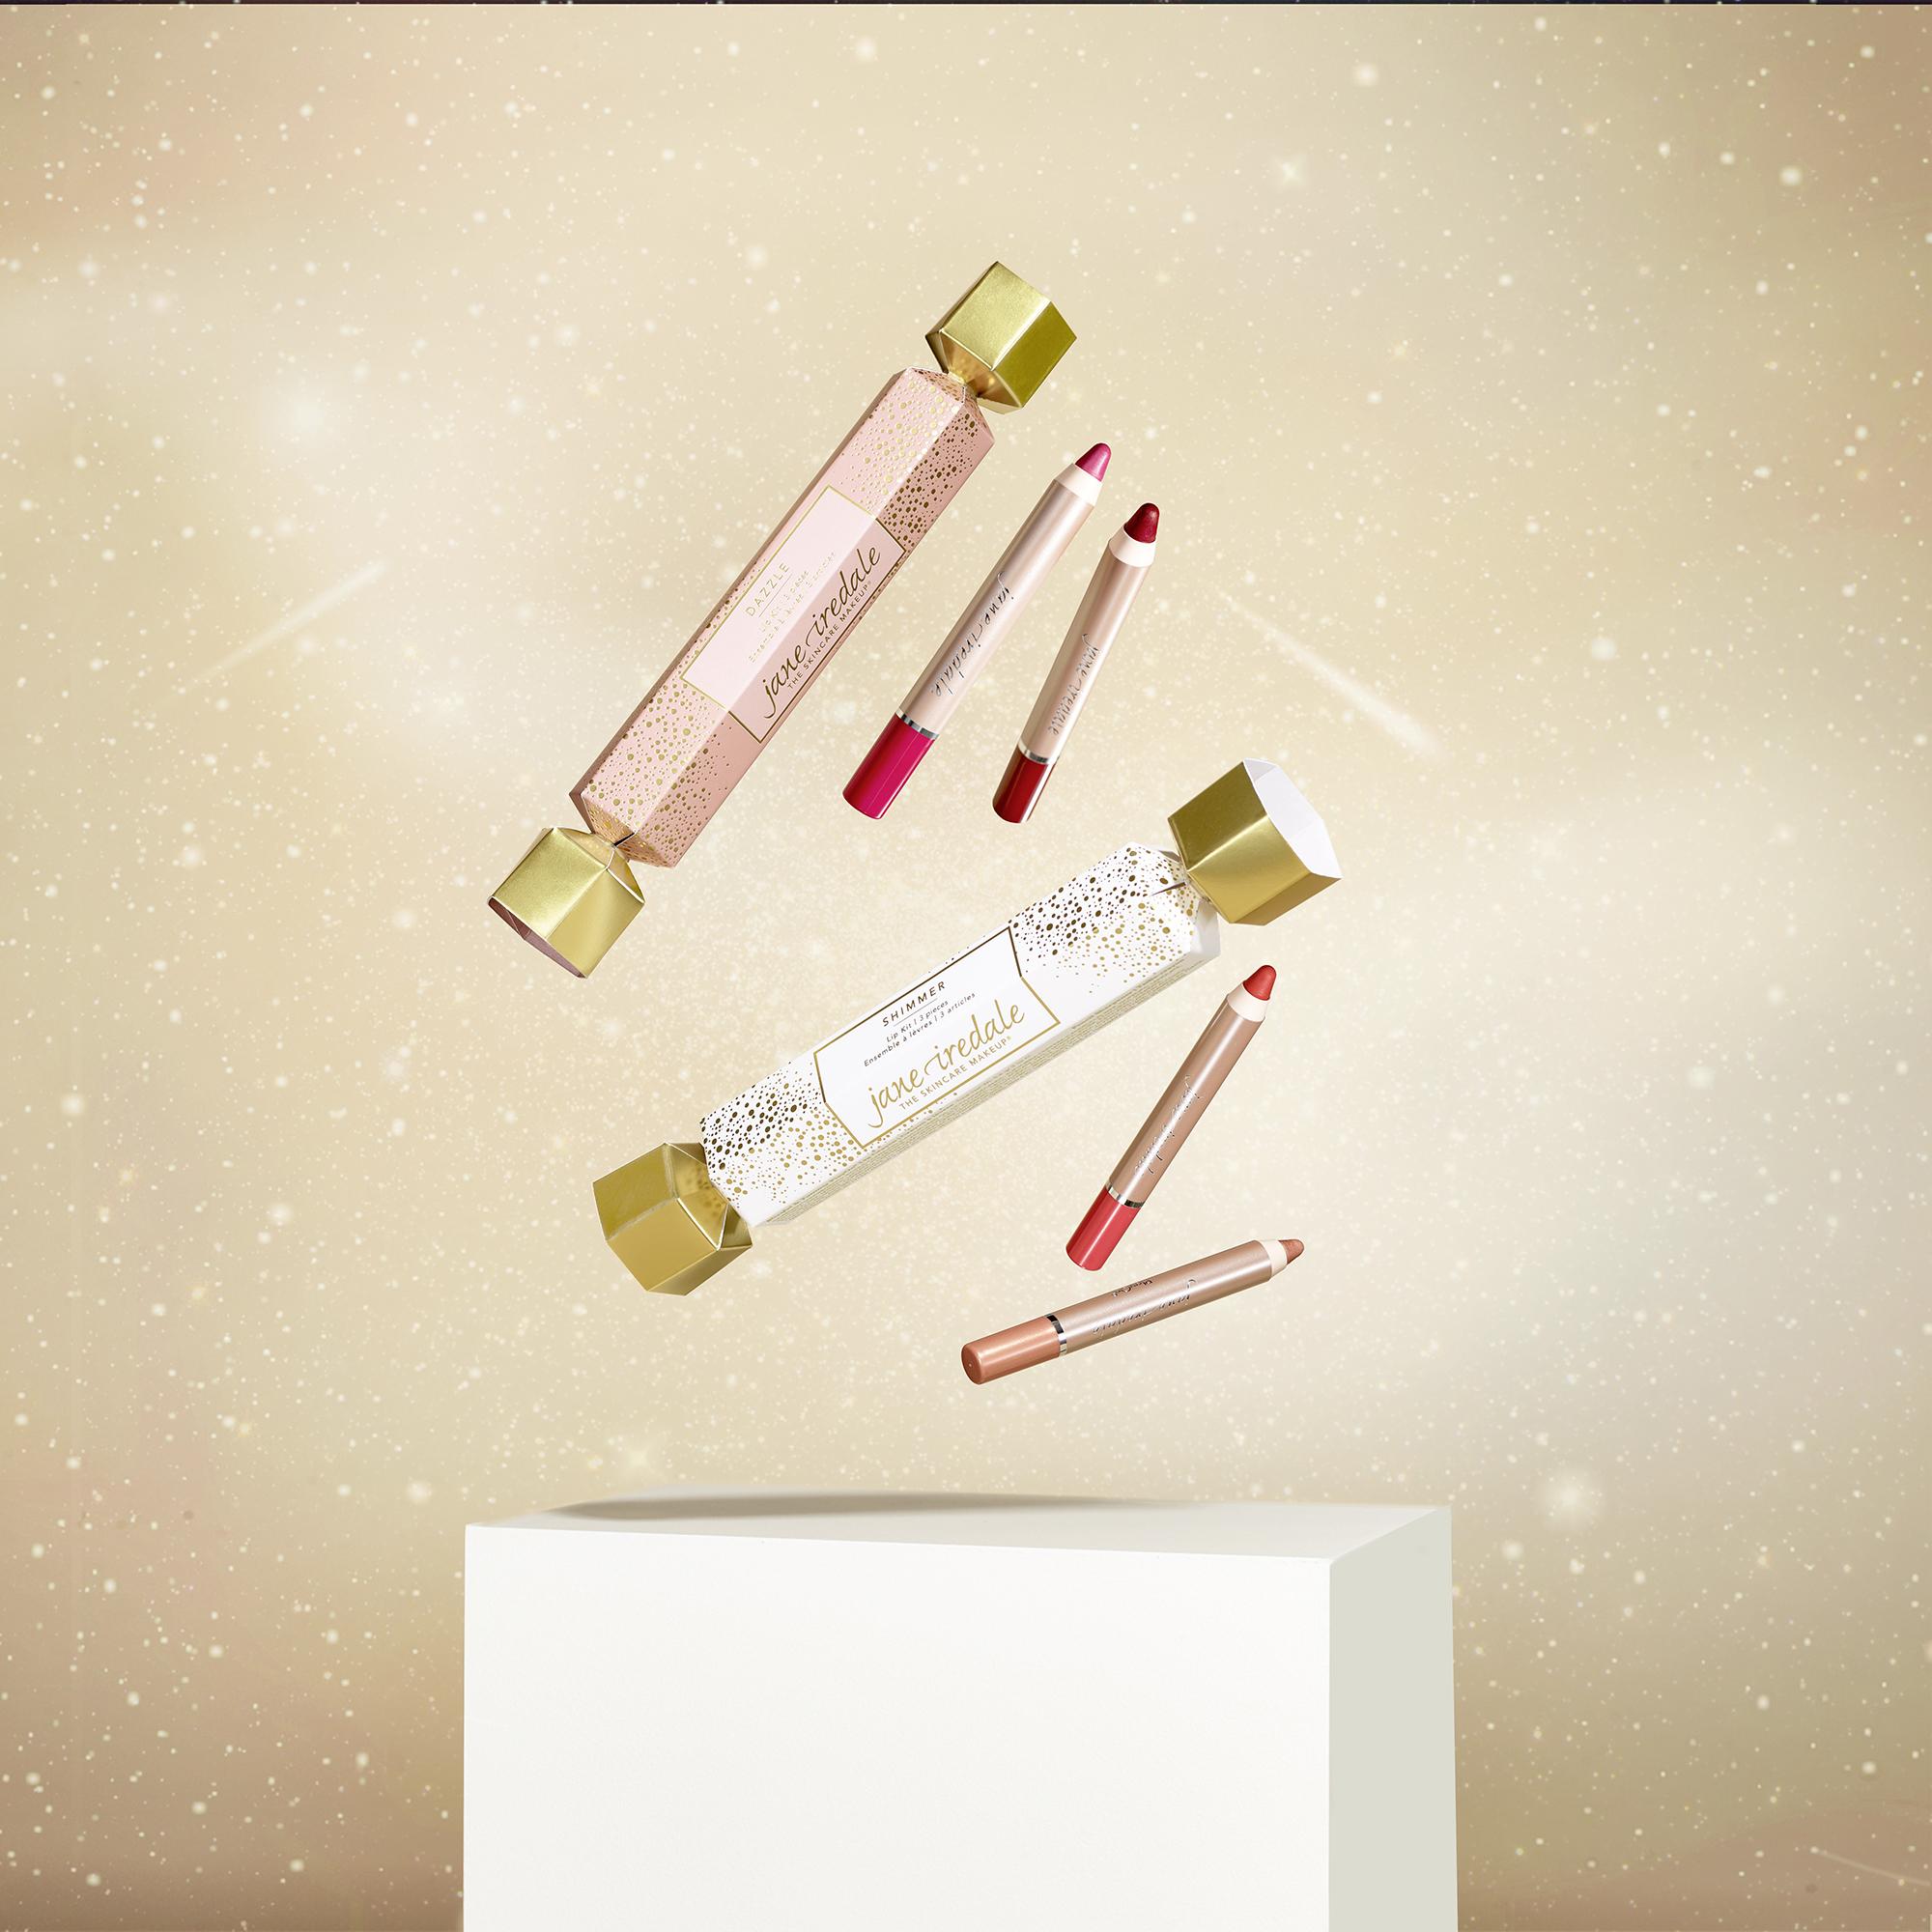 Festliches Make-up jane iredale Weihnachtskollektion